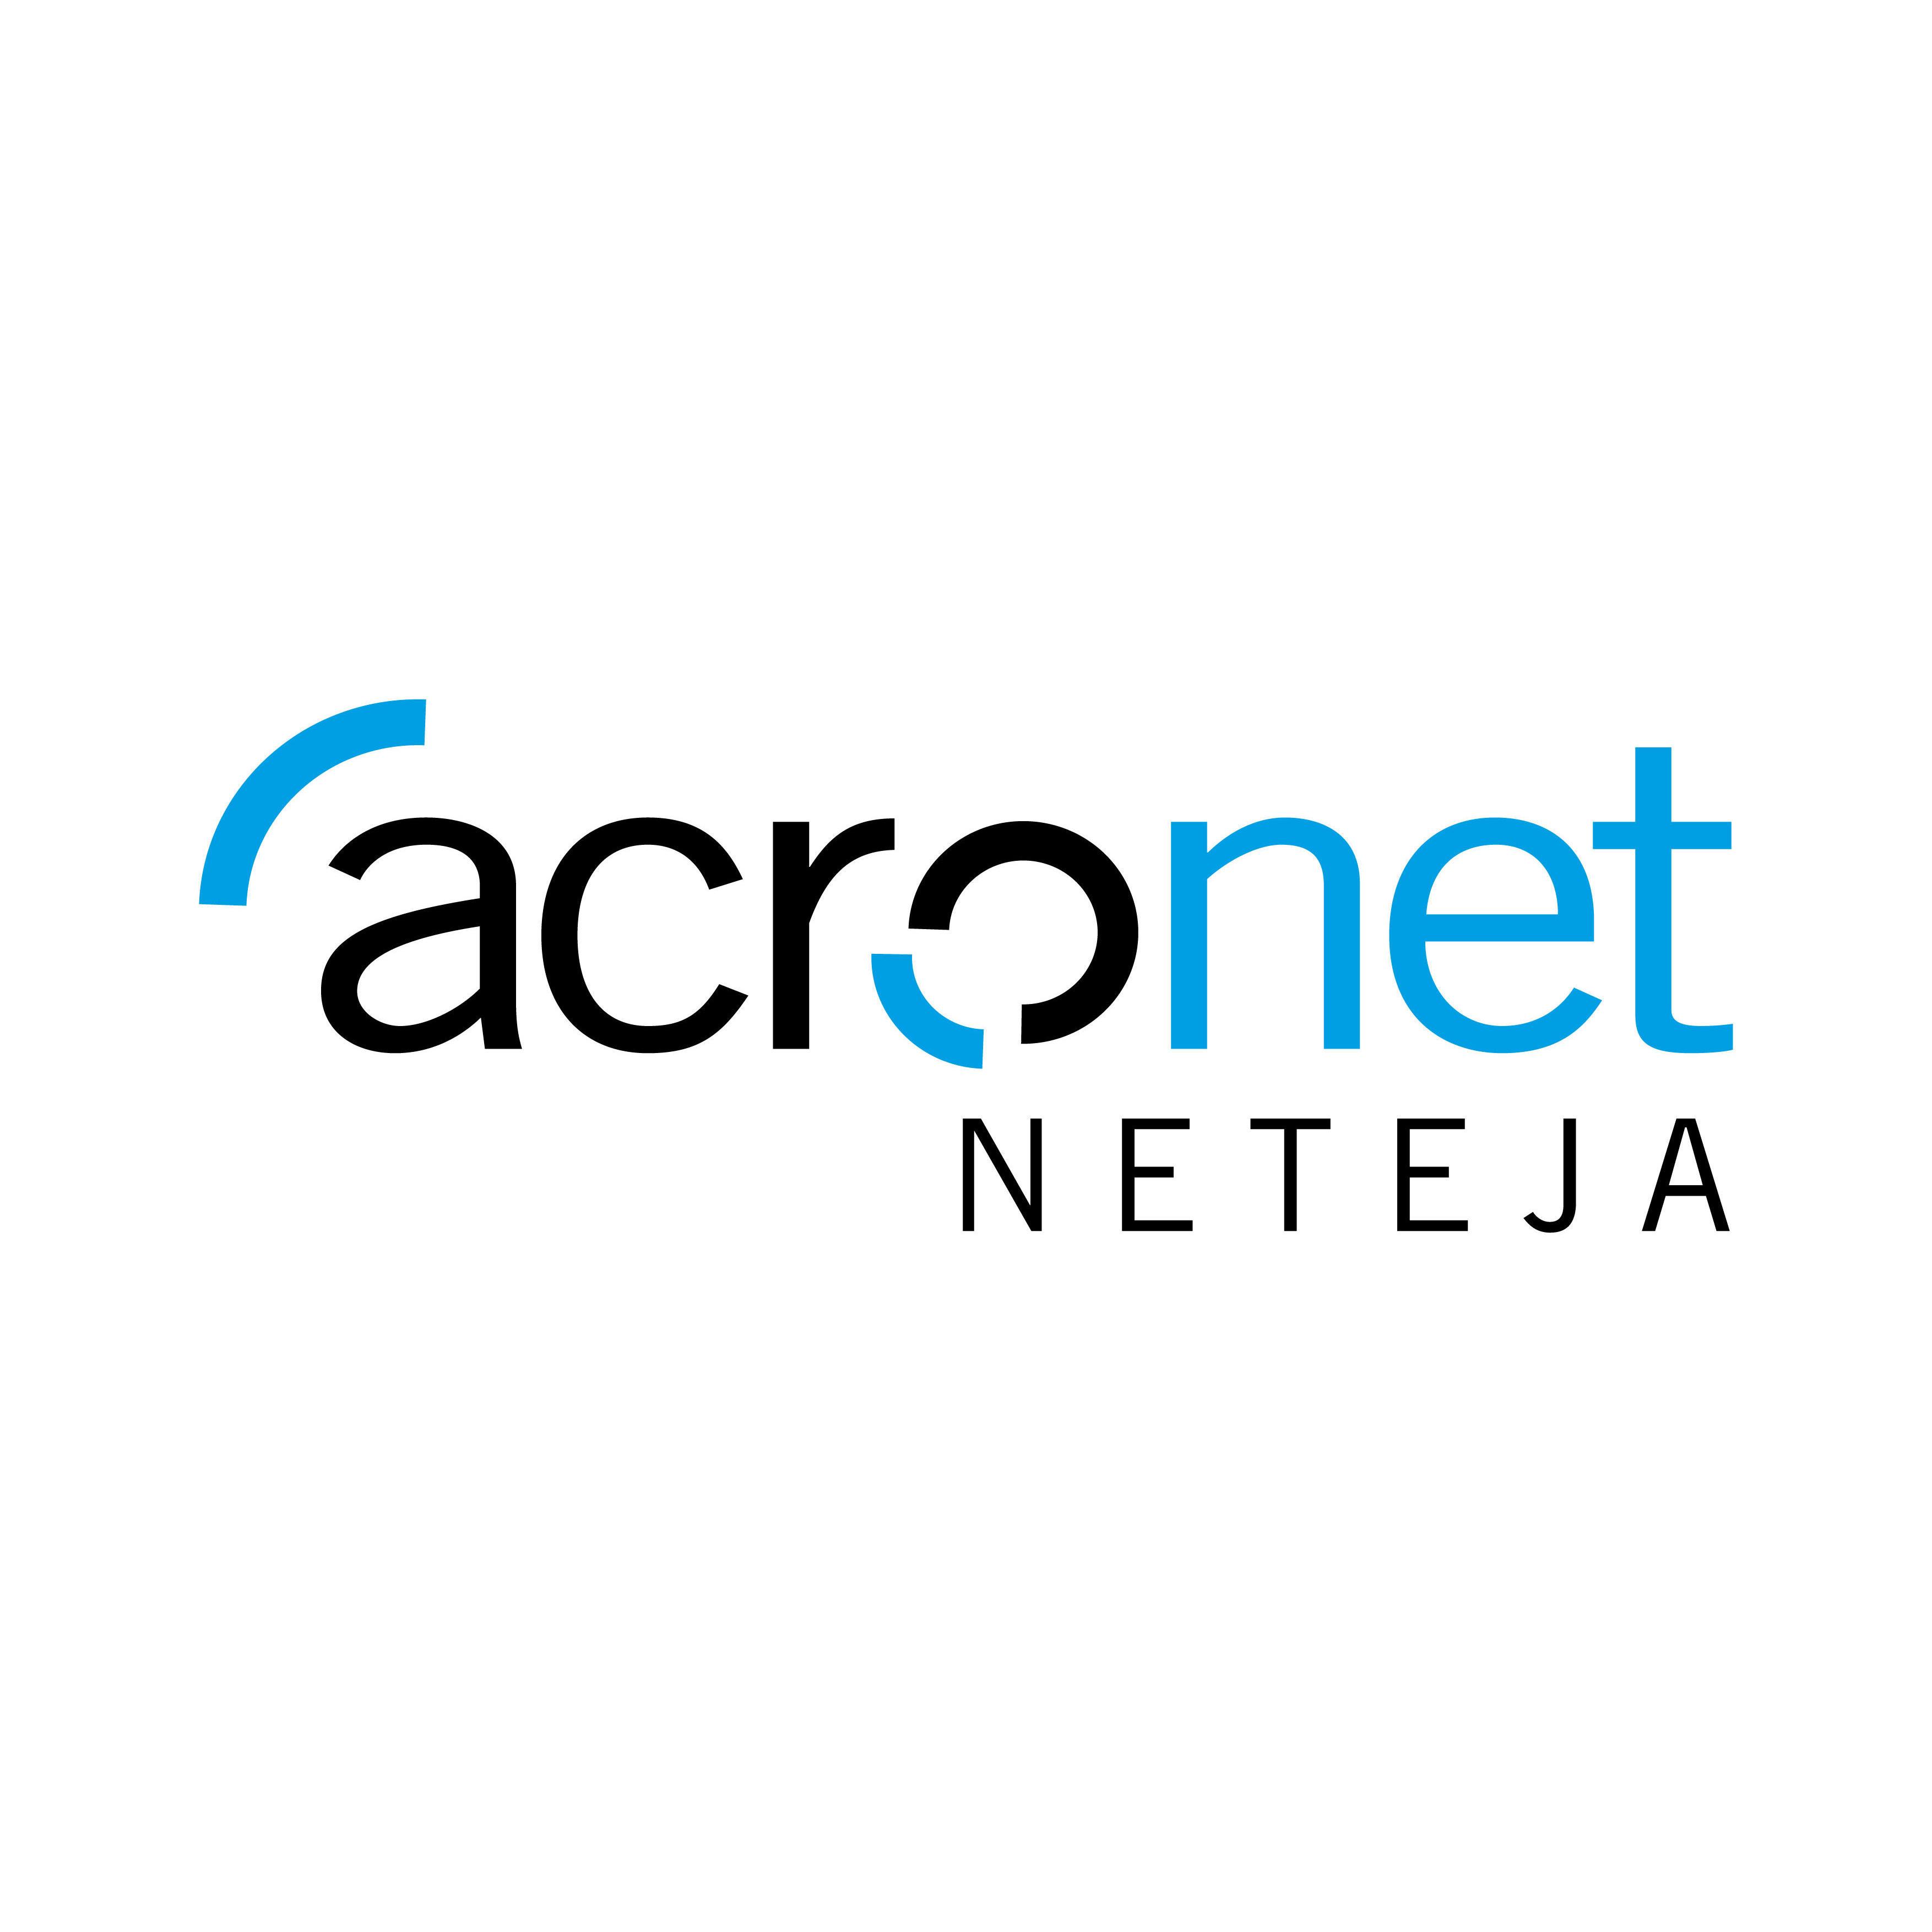 Acronet Neteja